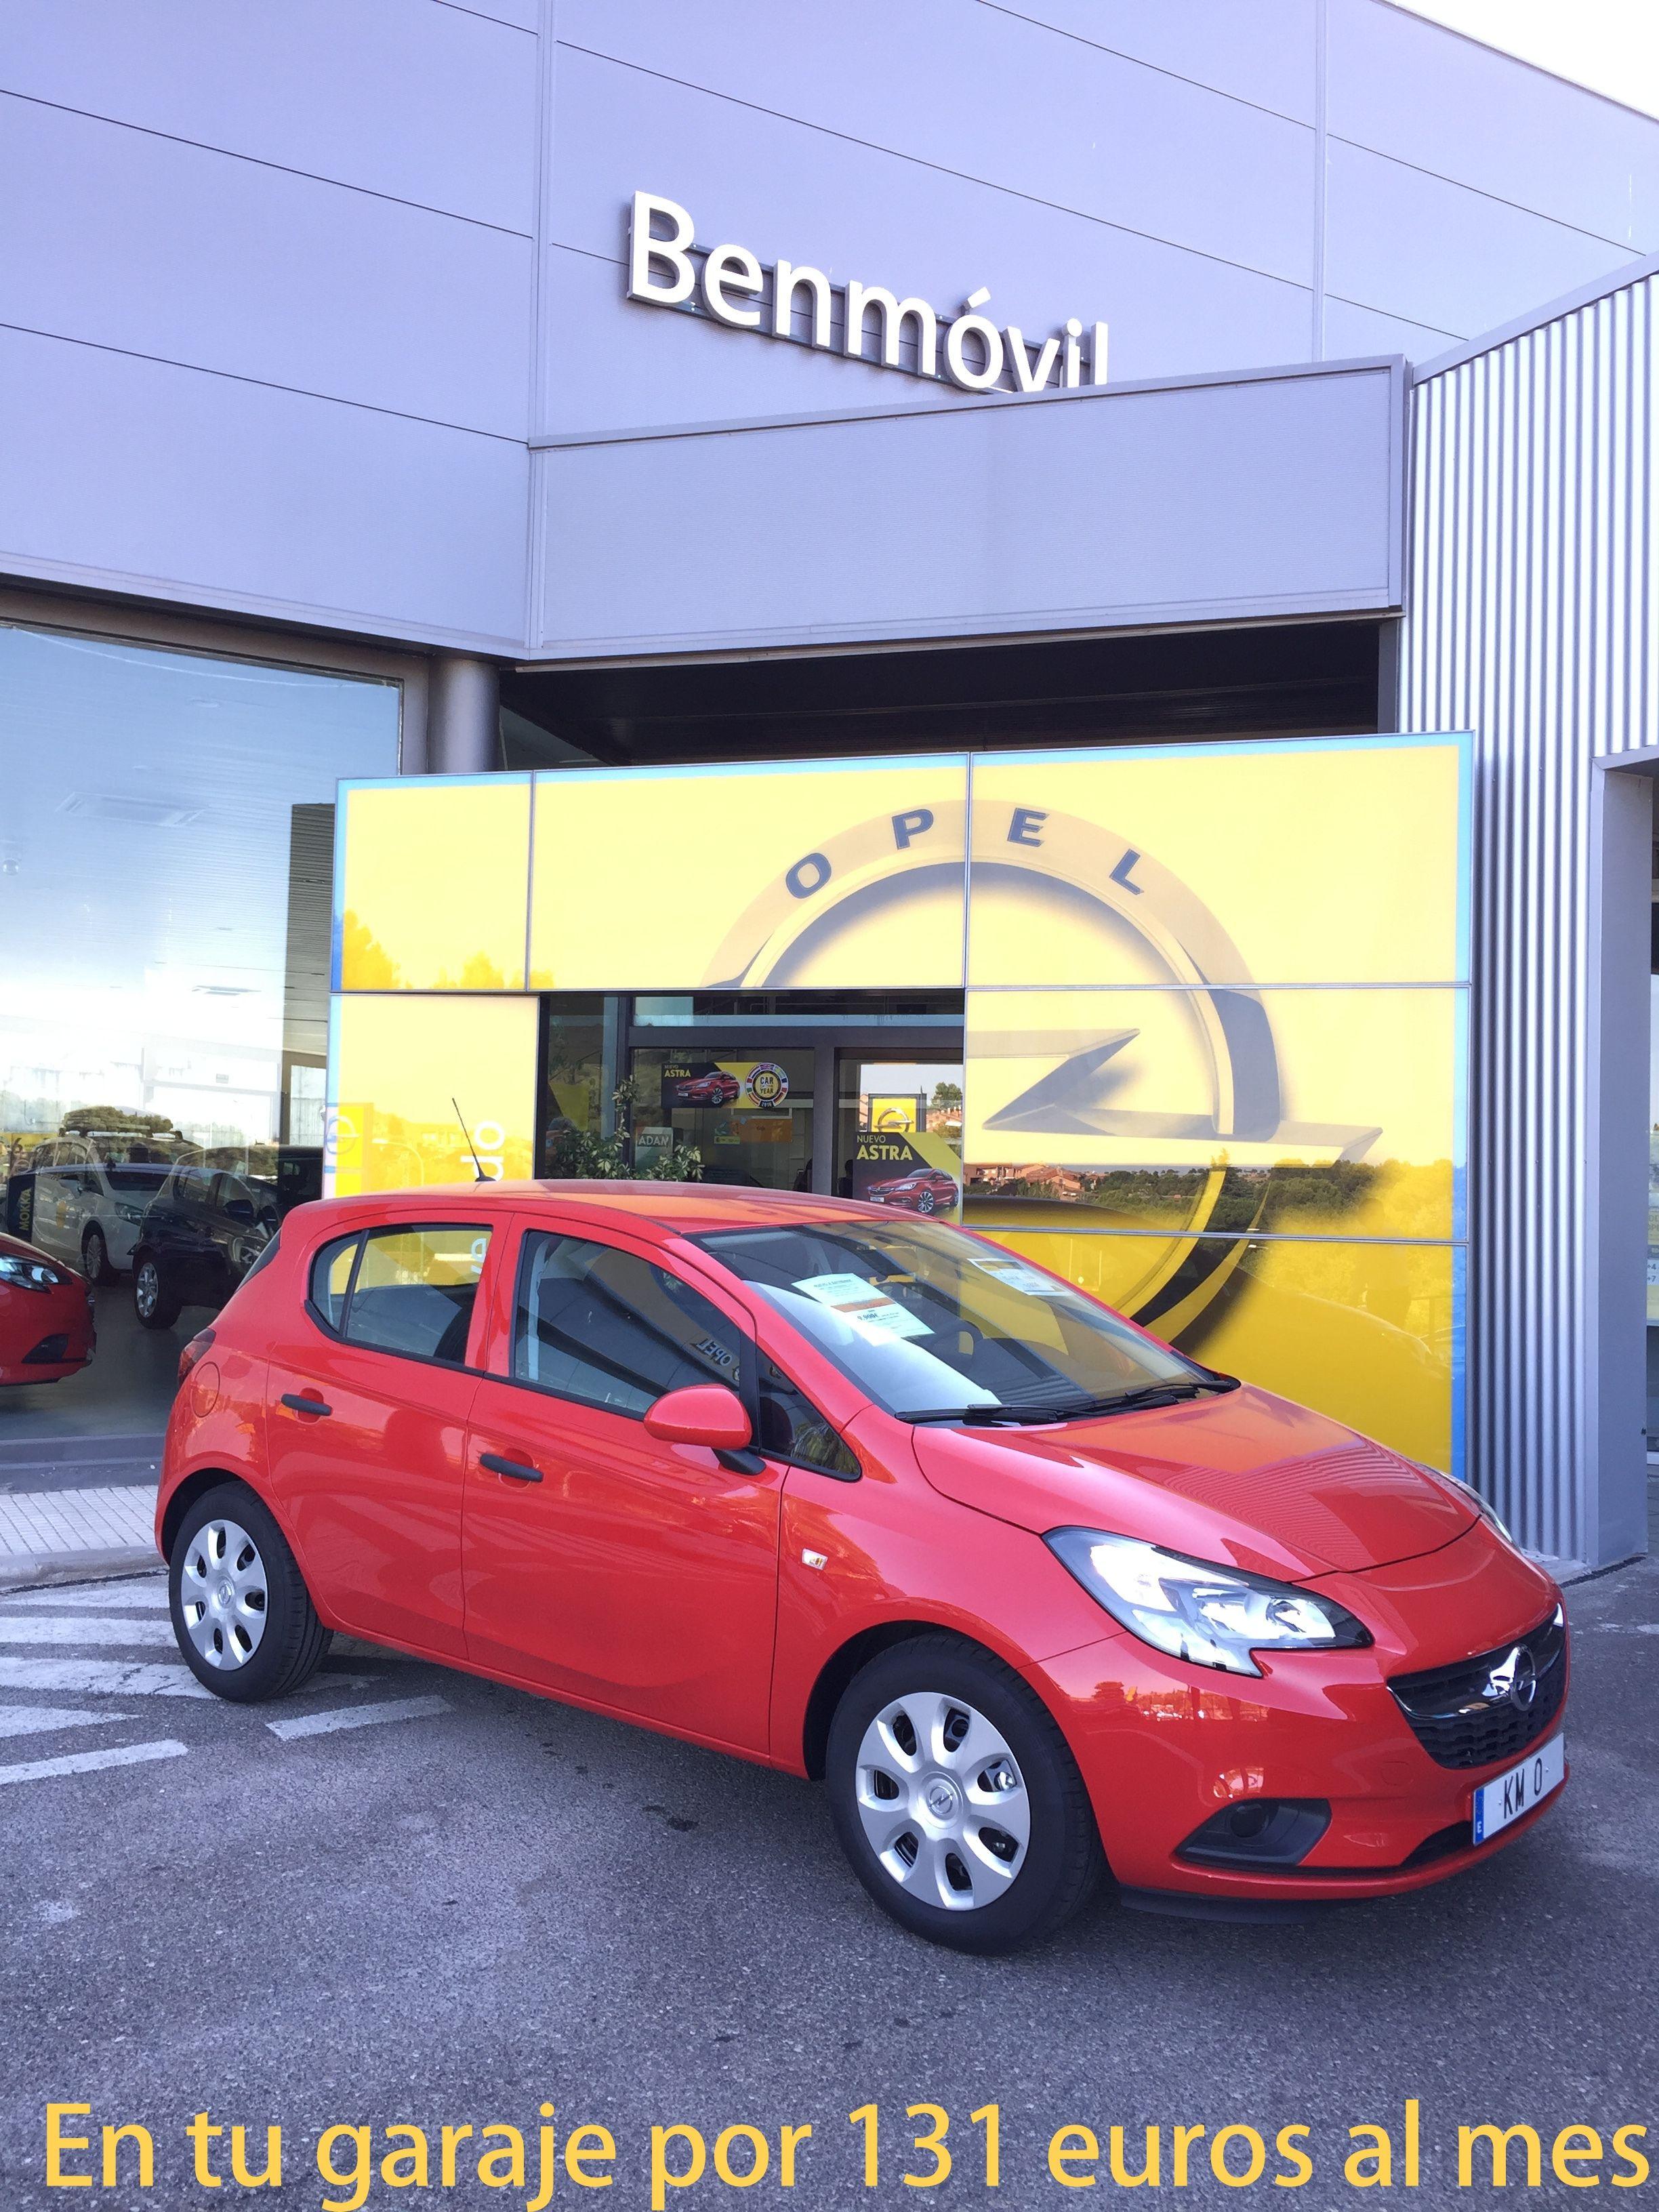 Últimos 3 Opel Corsa en adopción. Por el mismo dinero que pagas por invitar a tu suegro a ver un partido de futbol, nosotros te damos un Corsa.